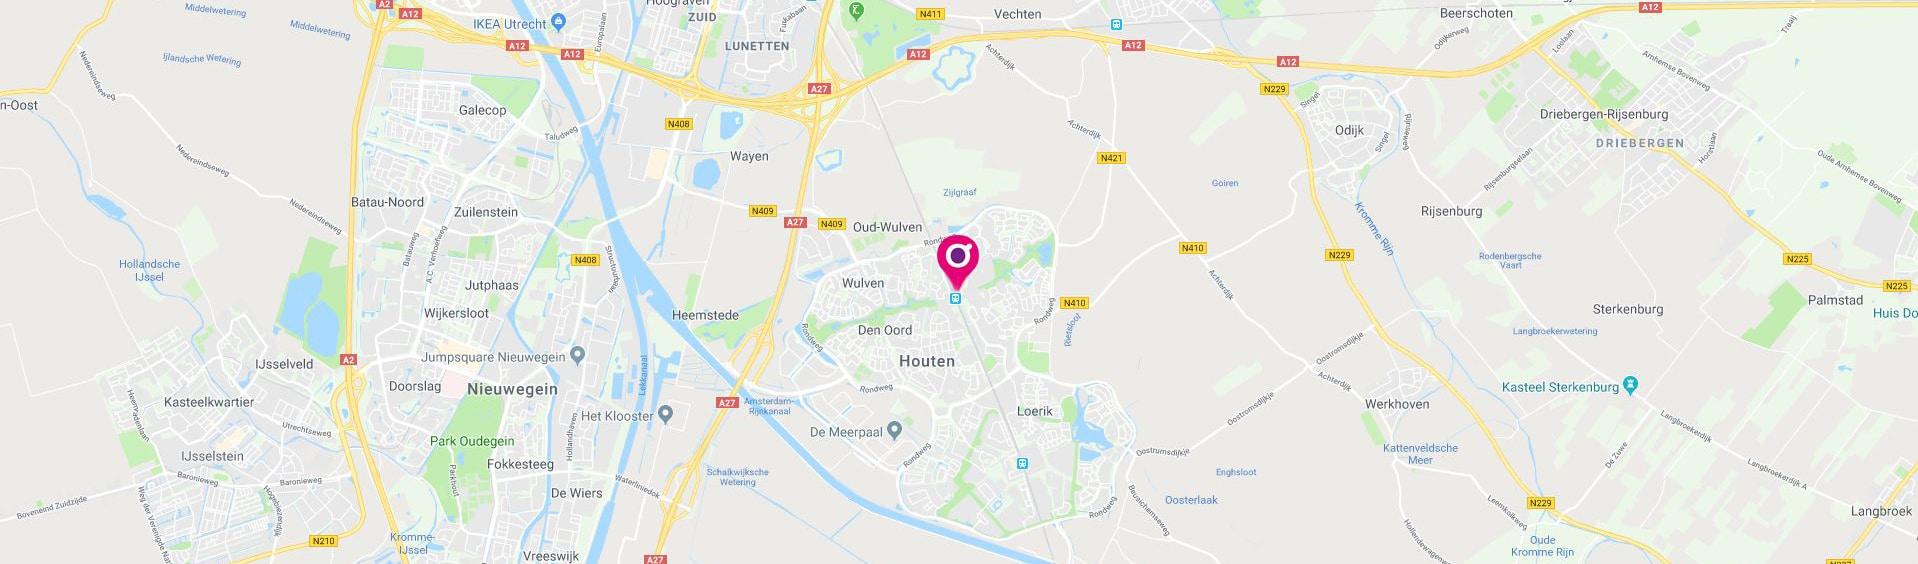 Joinn-maps-statisch2